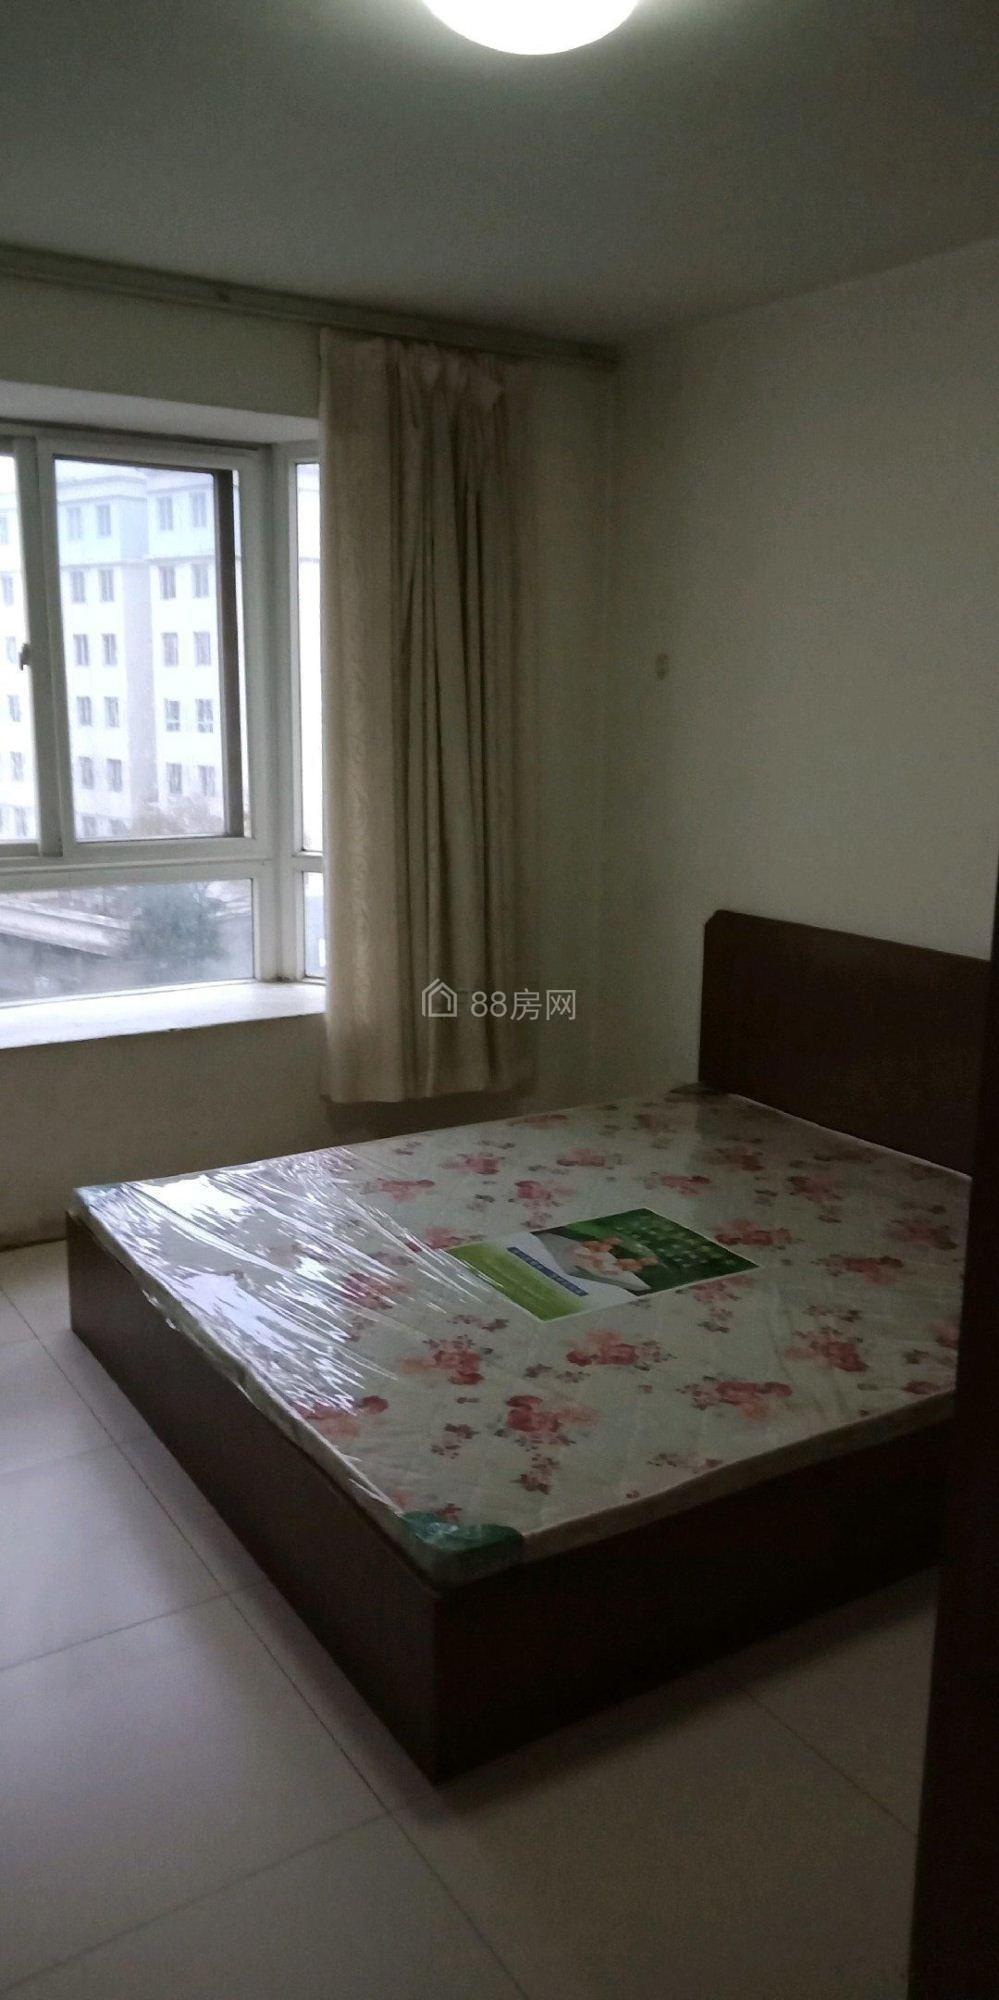 南颐花园95平米3室2厅1卫 带全套家具 出租850元每月